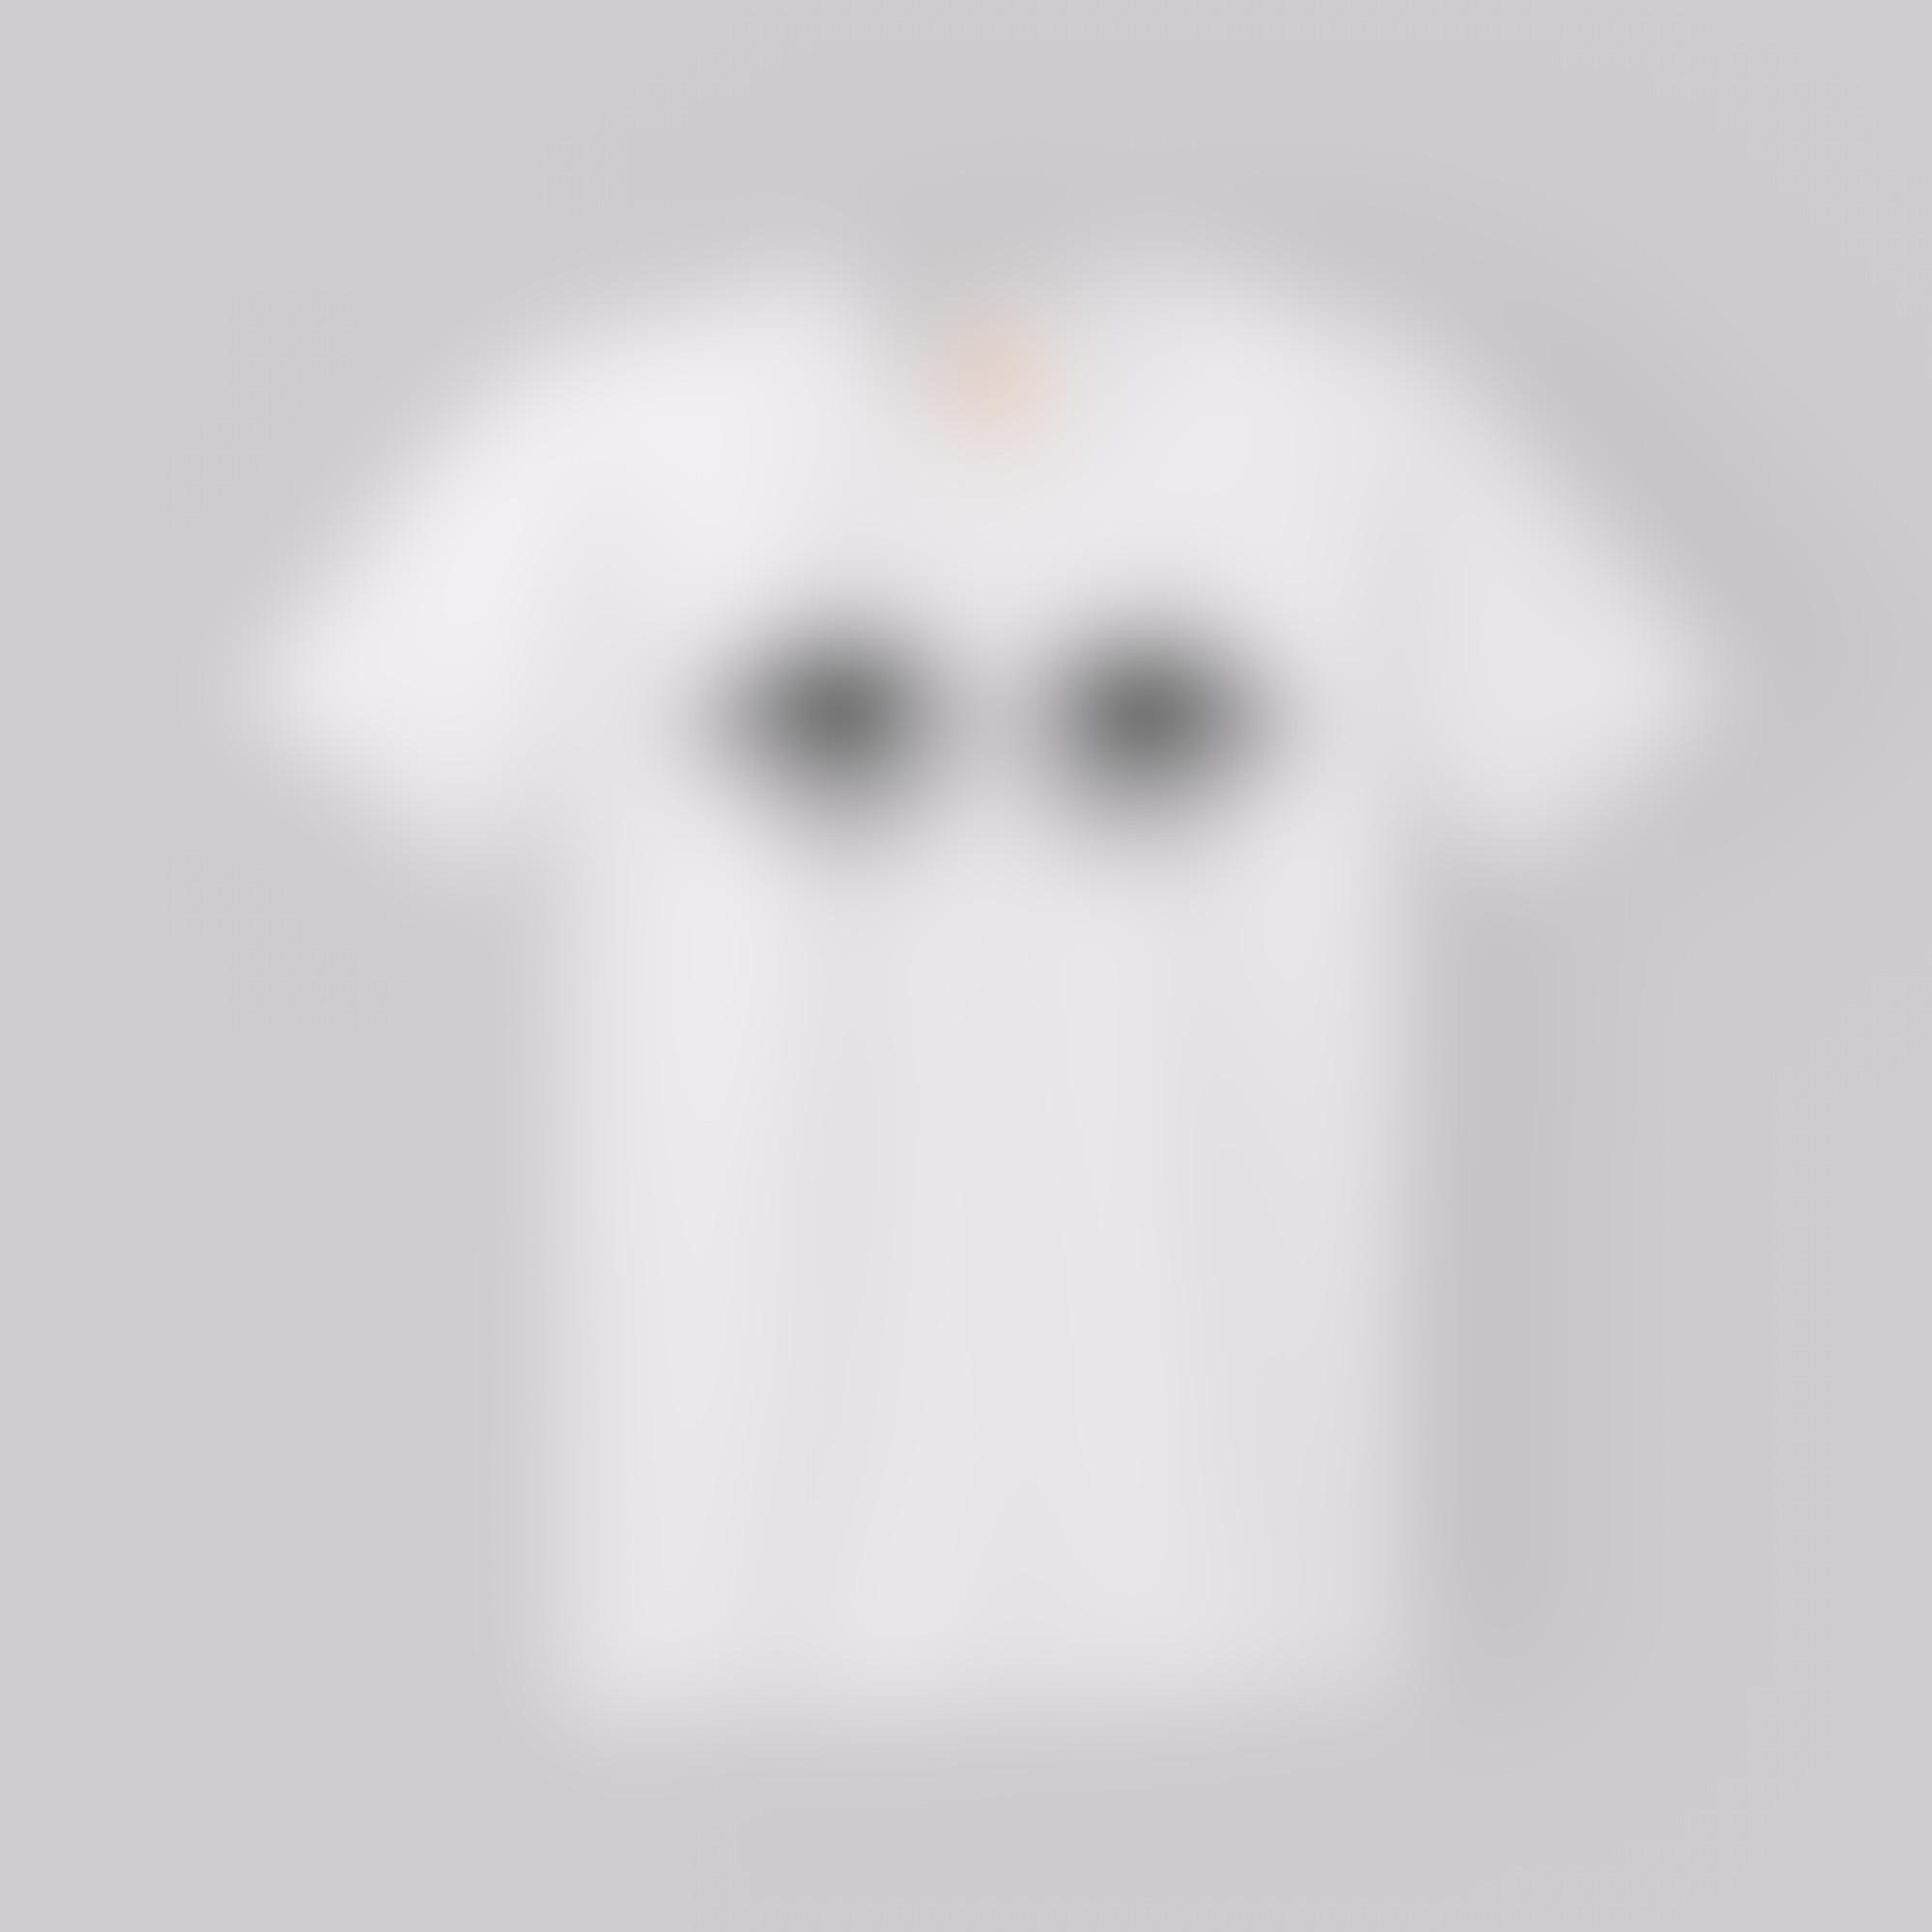 2016 tshirt risotto shop eyes autocompressfitresizeixlibphp 1 1 0max h2000max w3 D2000q80s2245aa89ae9f2e0635671a236f767063